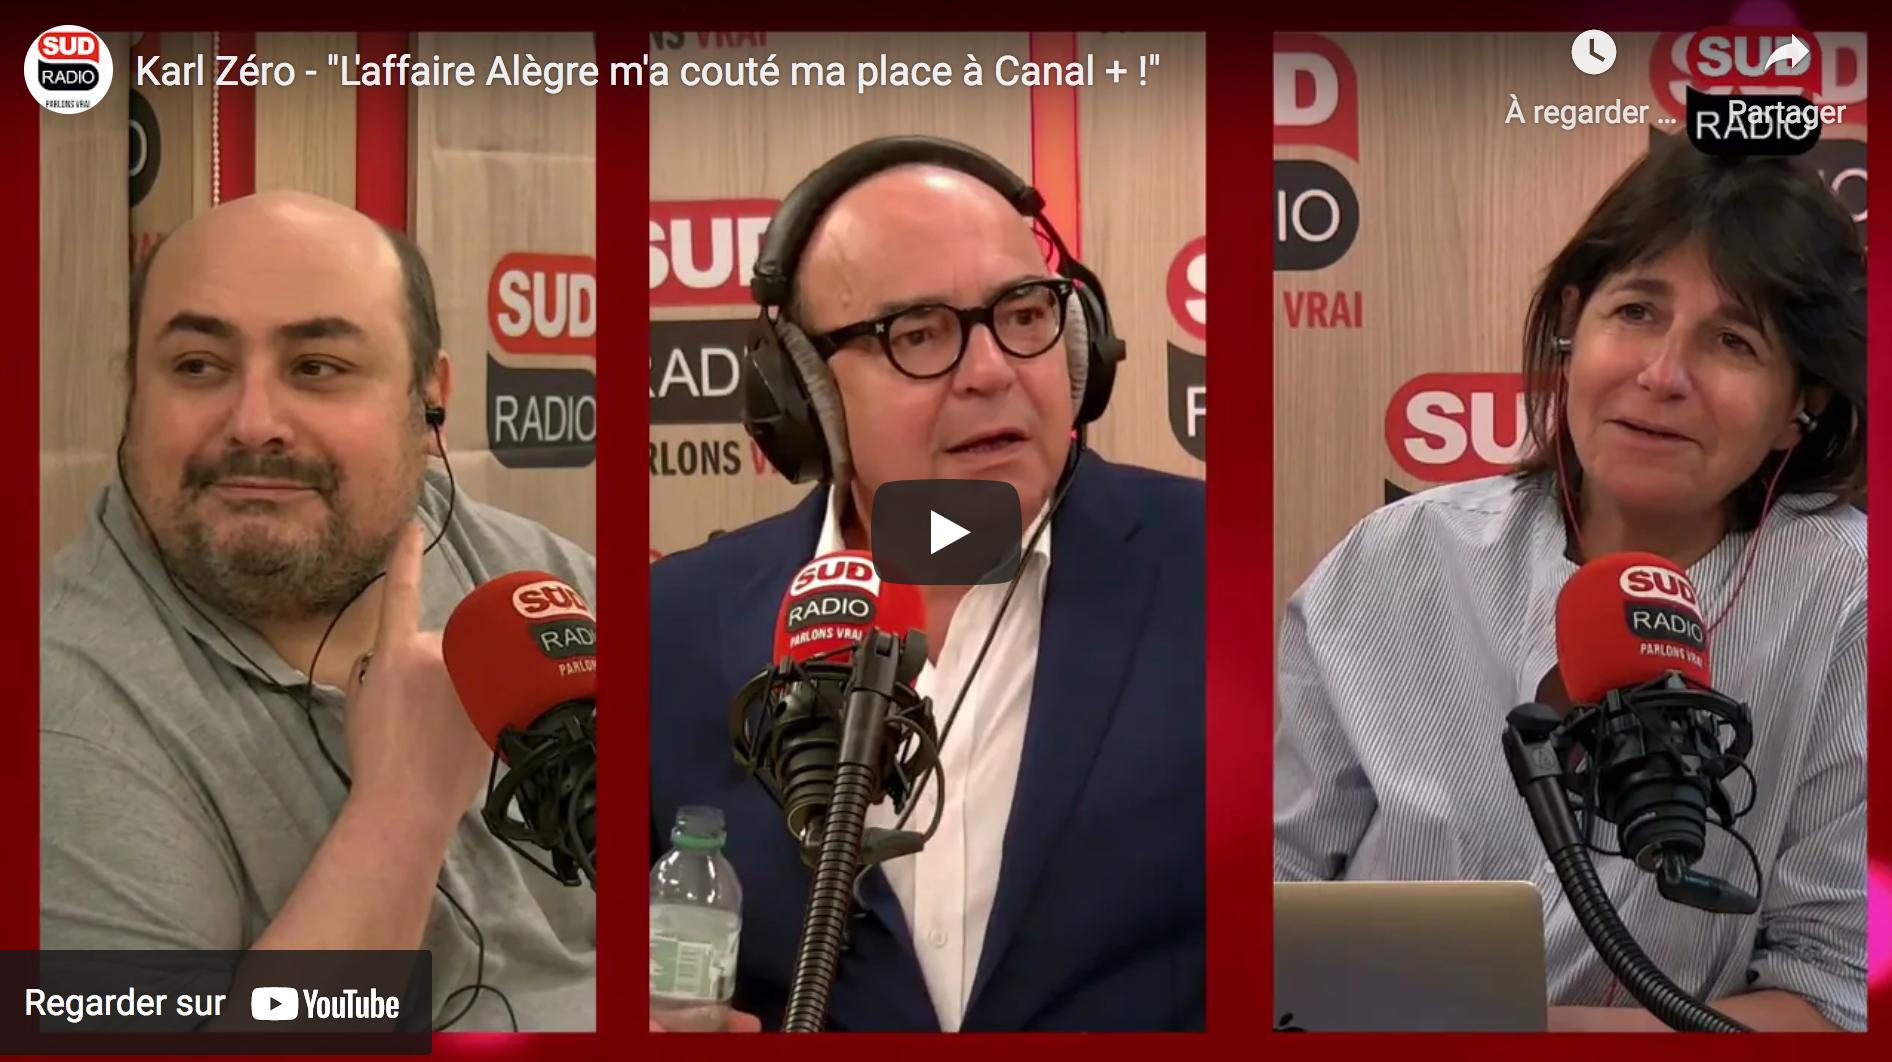 """Karl Zéro : """"L'affaire Alègre m'a couté ma place à Canal + !"""" (VIDÉO)"""